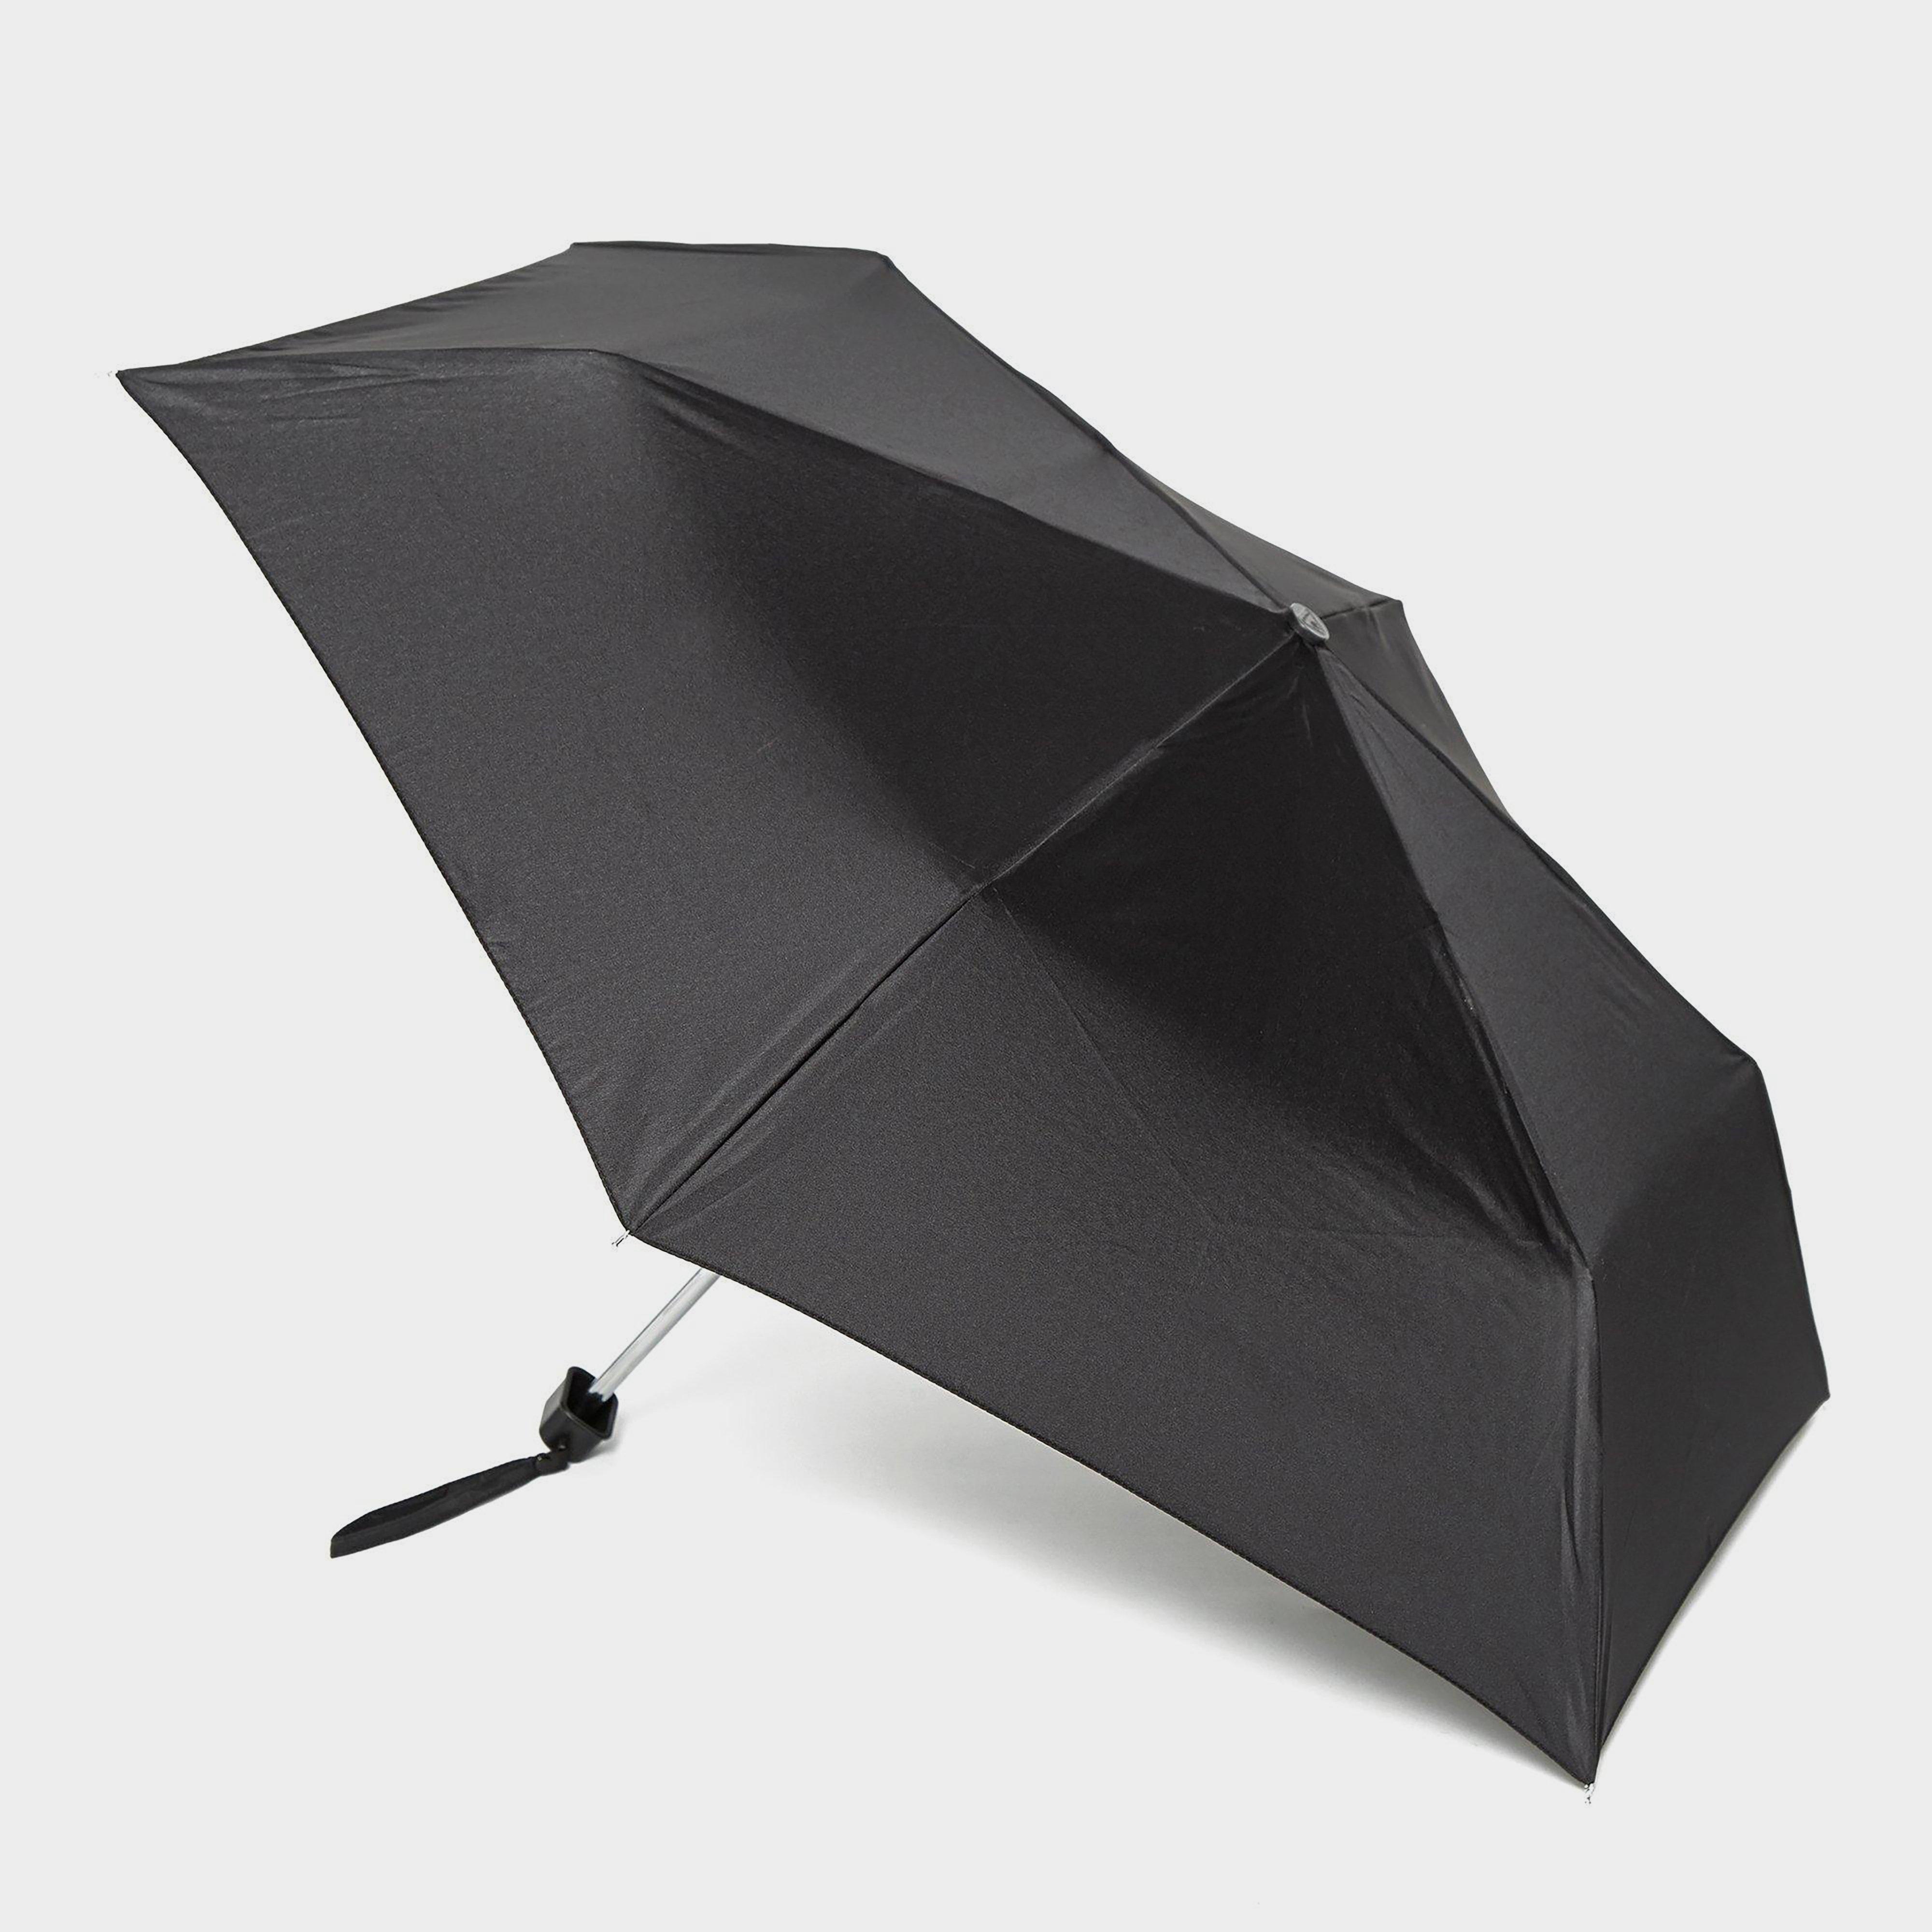 Fulton Fulton Mini-Flat 1 Umbrella - Black, Black